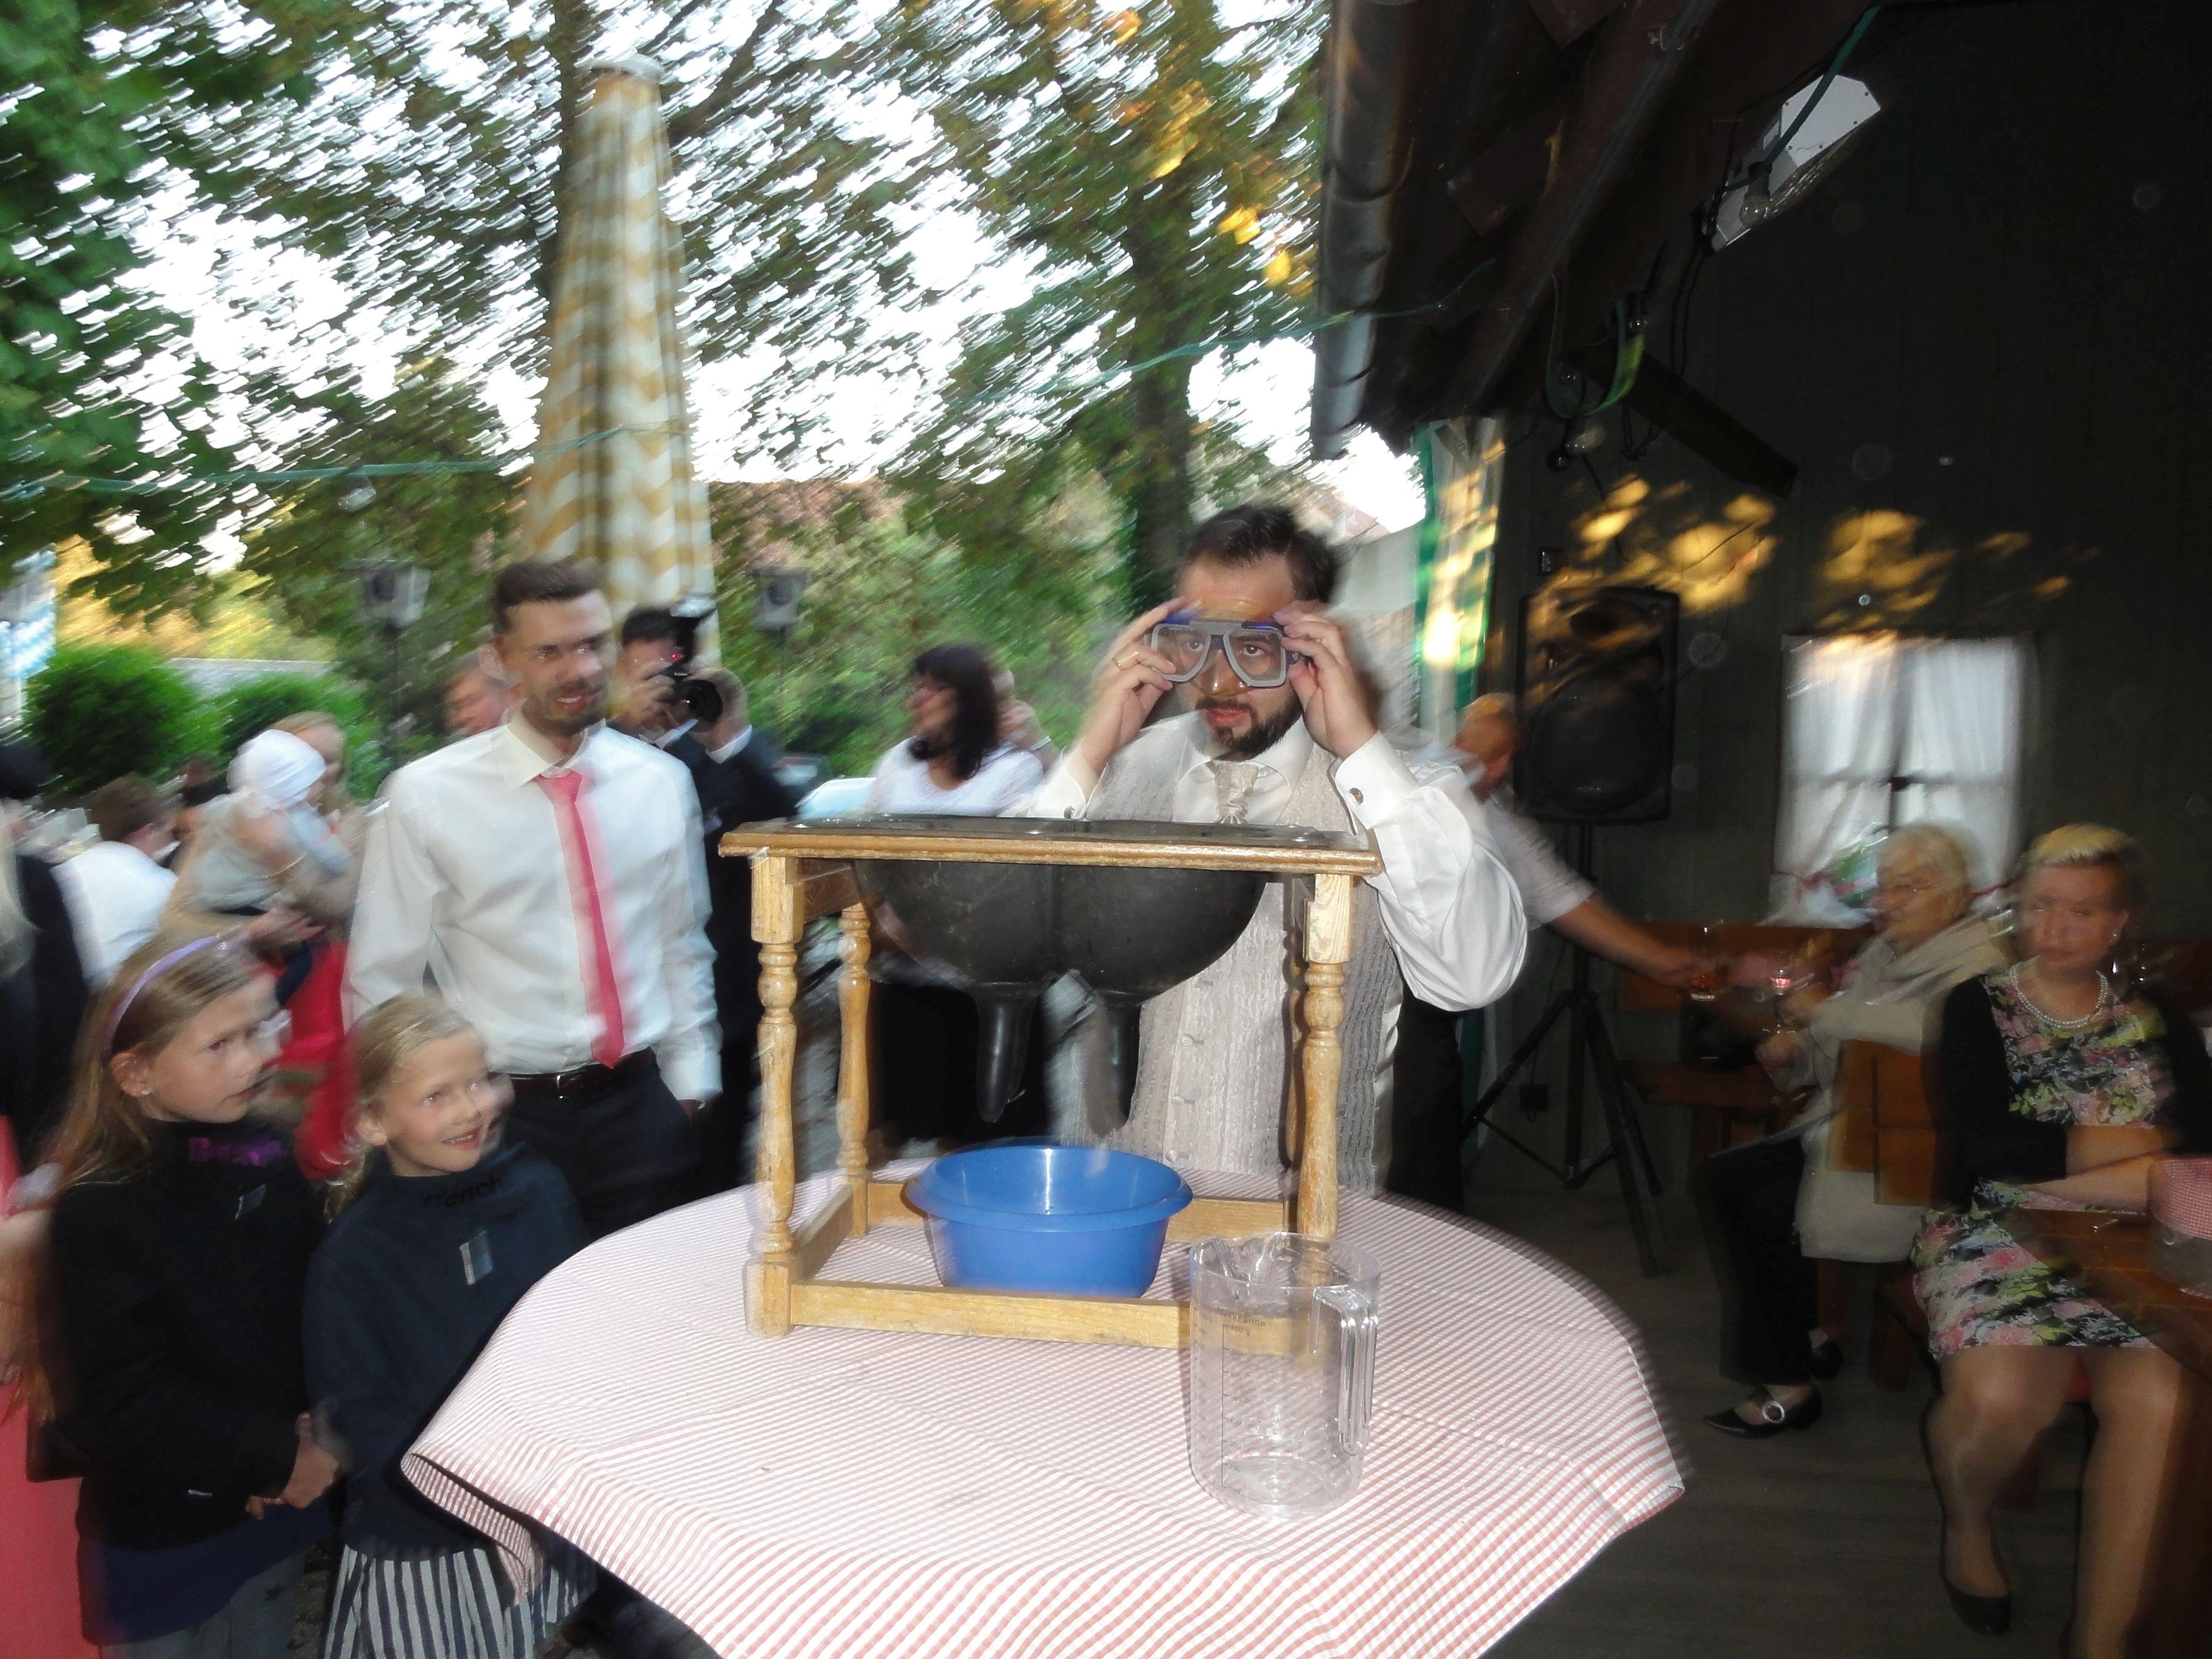 Brautverziehen mit DJ# Brautstehlen super Stimmung (2)